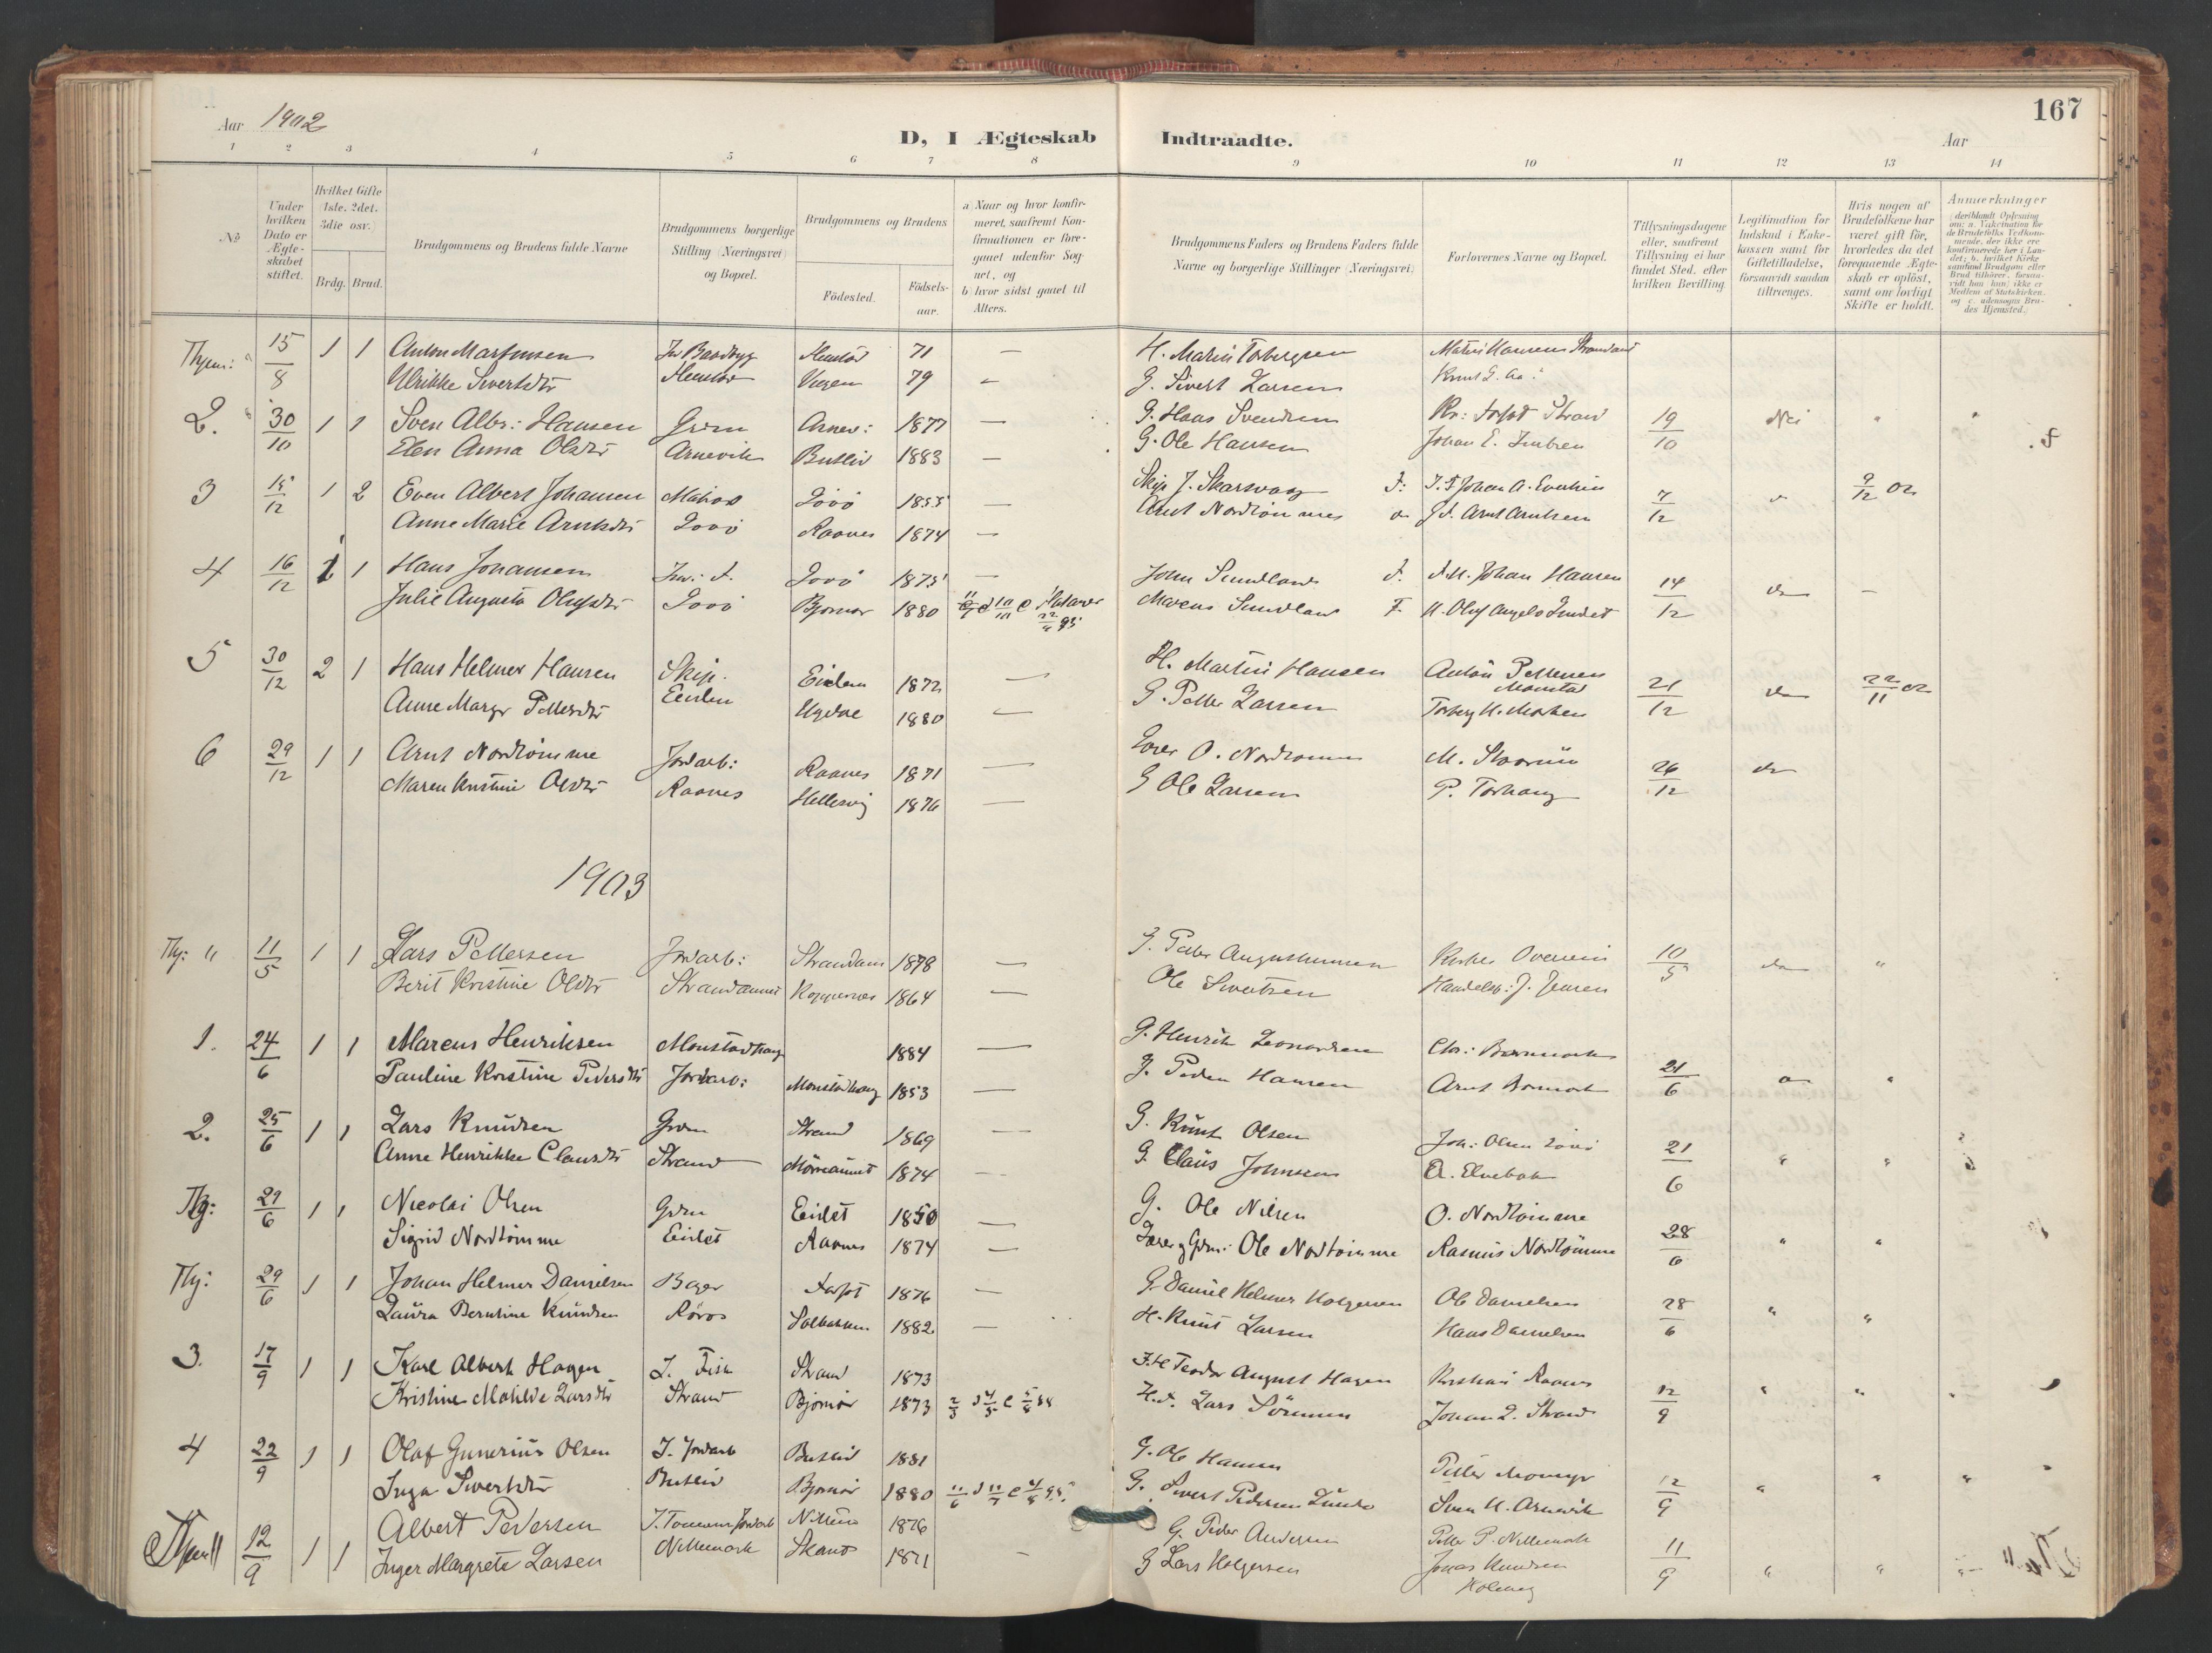 SAT, Ministerialprotokoller, klokkerbøker og fødselsregistre - Sør-Trøndelag, 655/L0681: Ministerialbok nr. 655A10, 1895-1907, s. 167